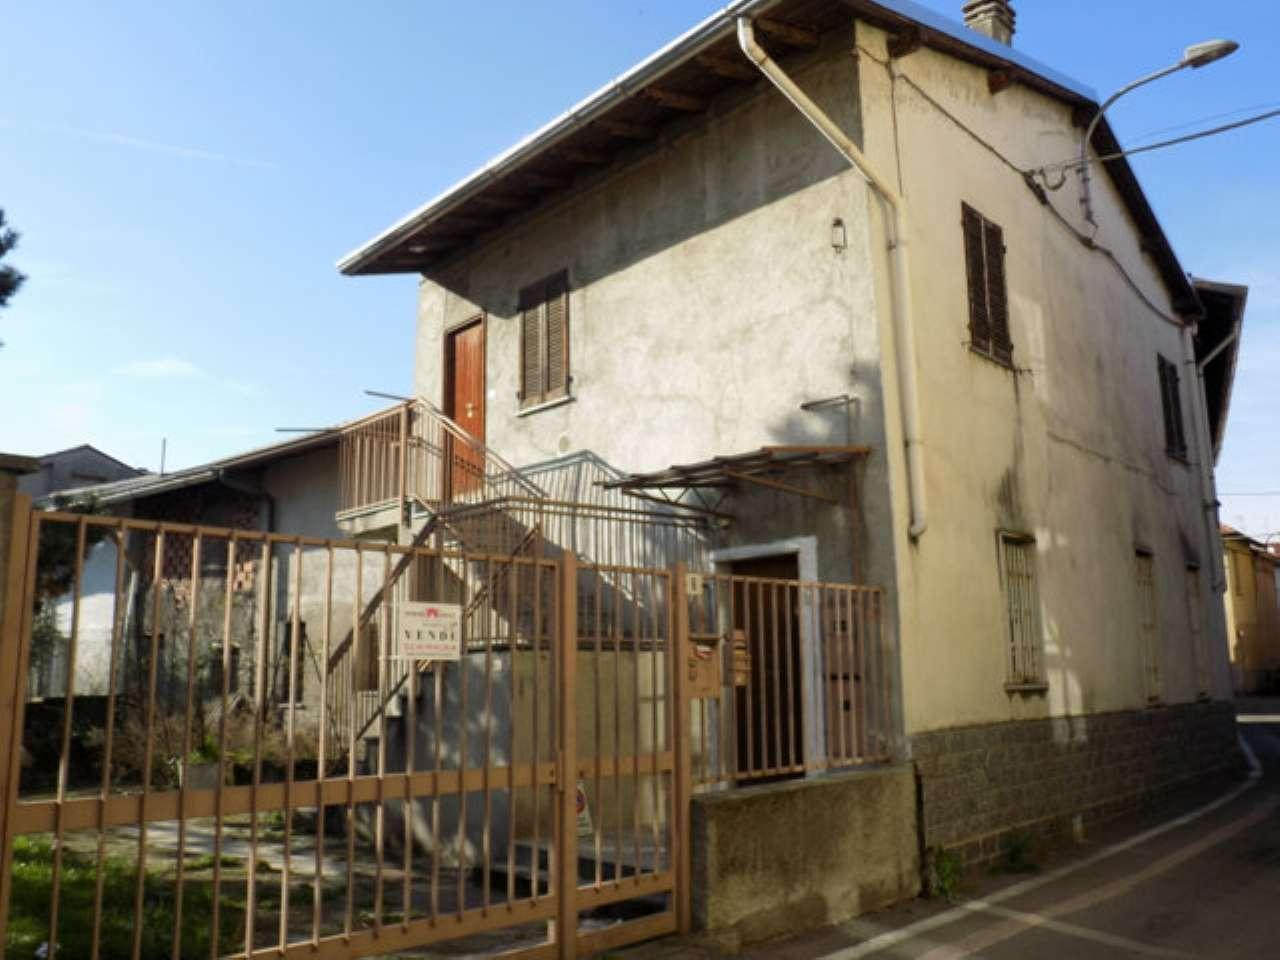 Rustico / Casale in vendita a Nova Milanese, 9999 locali, prezzo € 175.000 | Cambio Casa.it